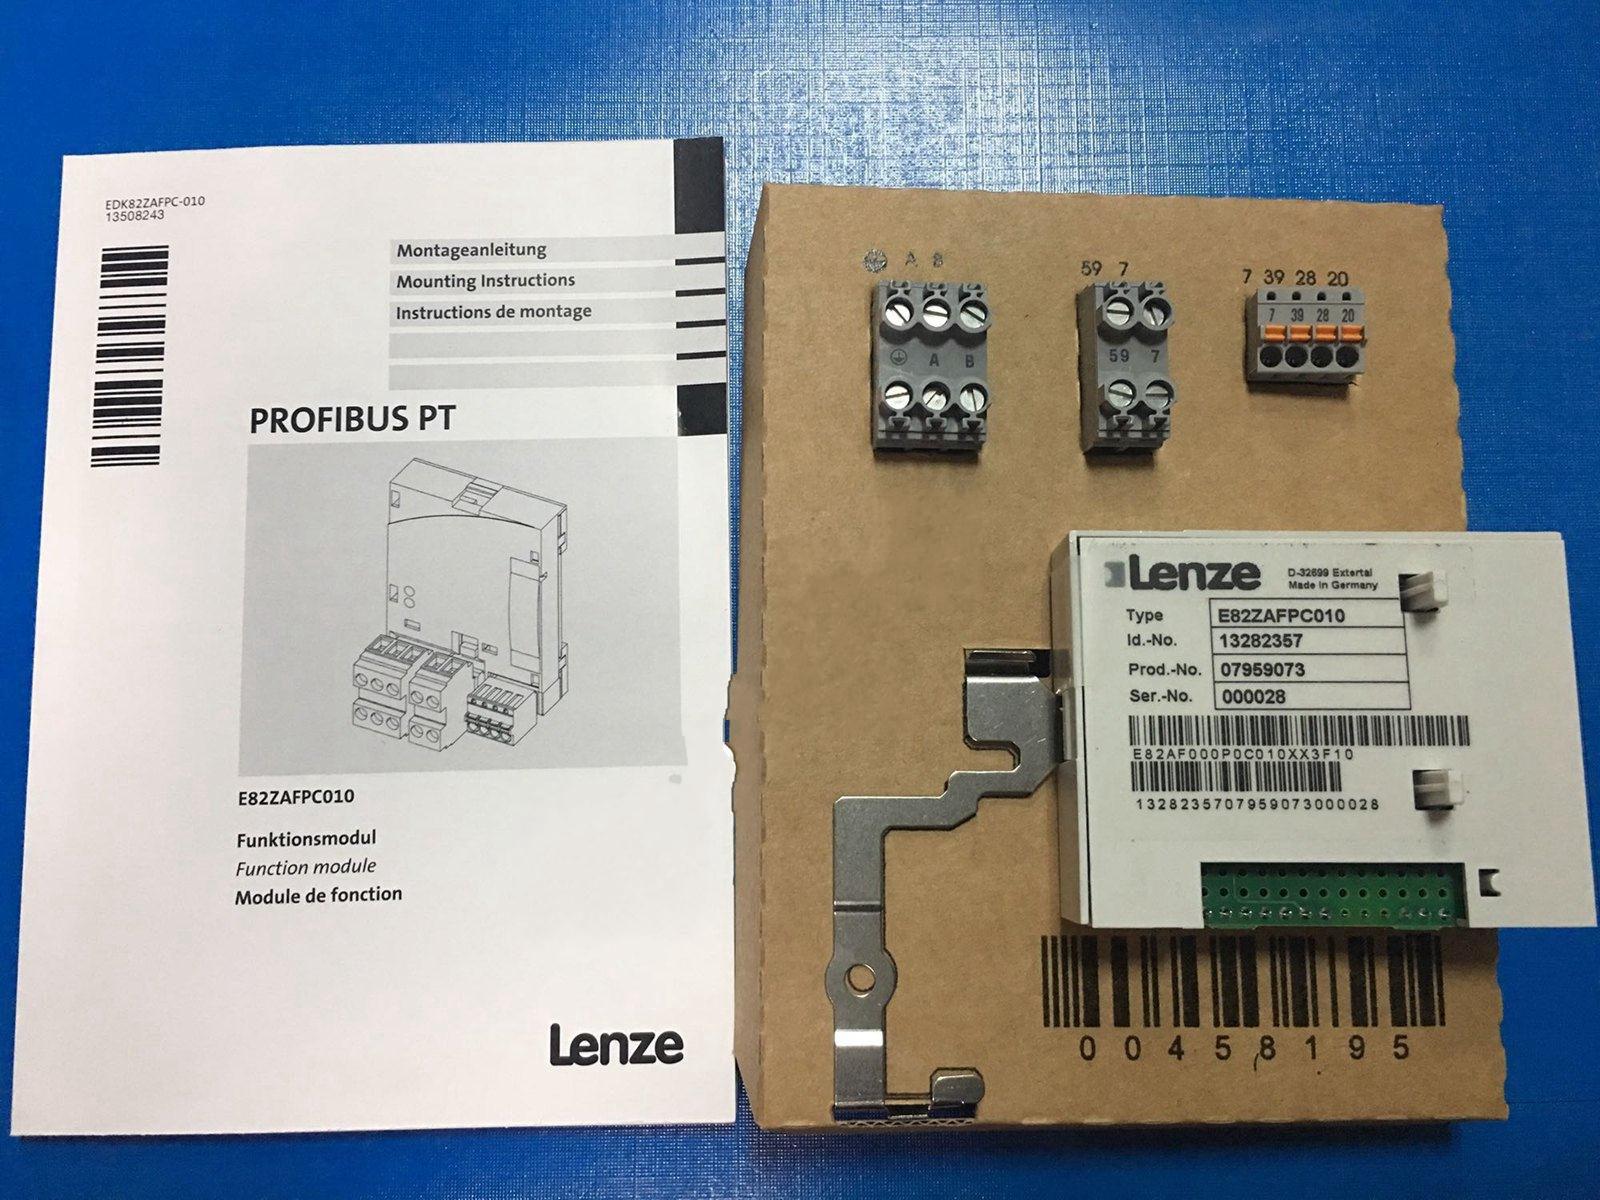 E 82 ZAFPC 010 Lenze FONCTION MODULE PROFIBUS PT Type